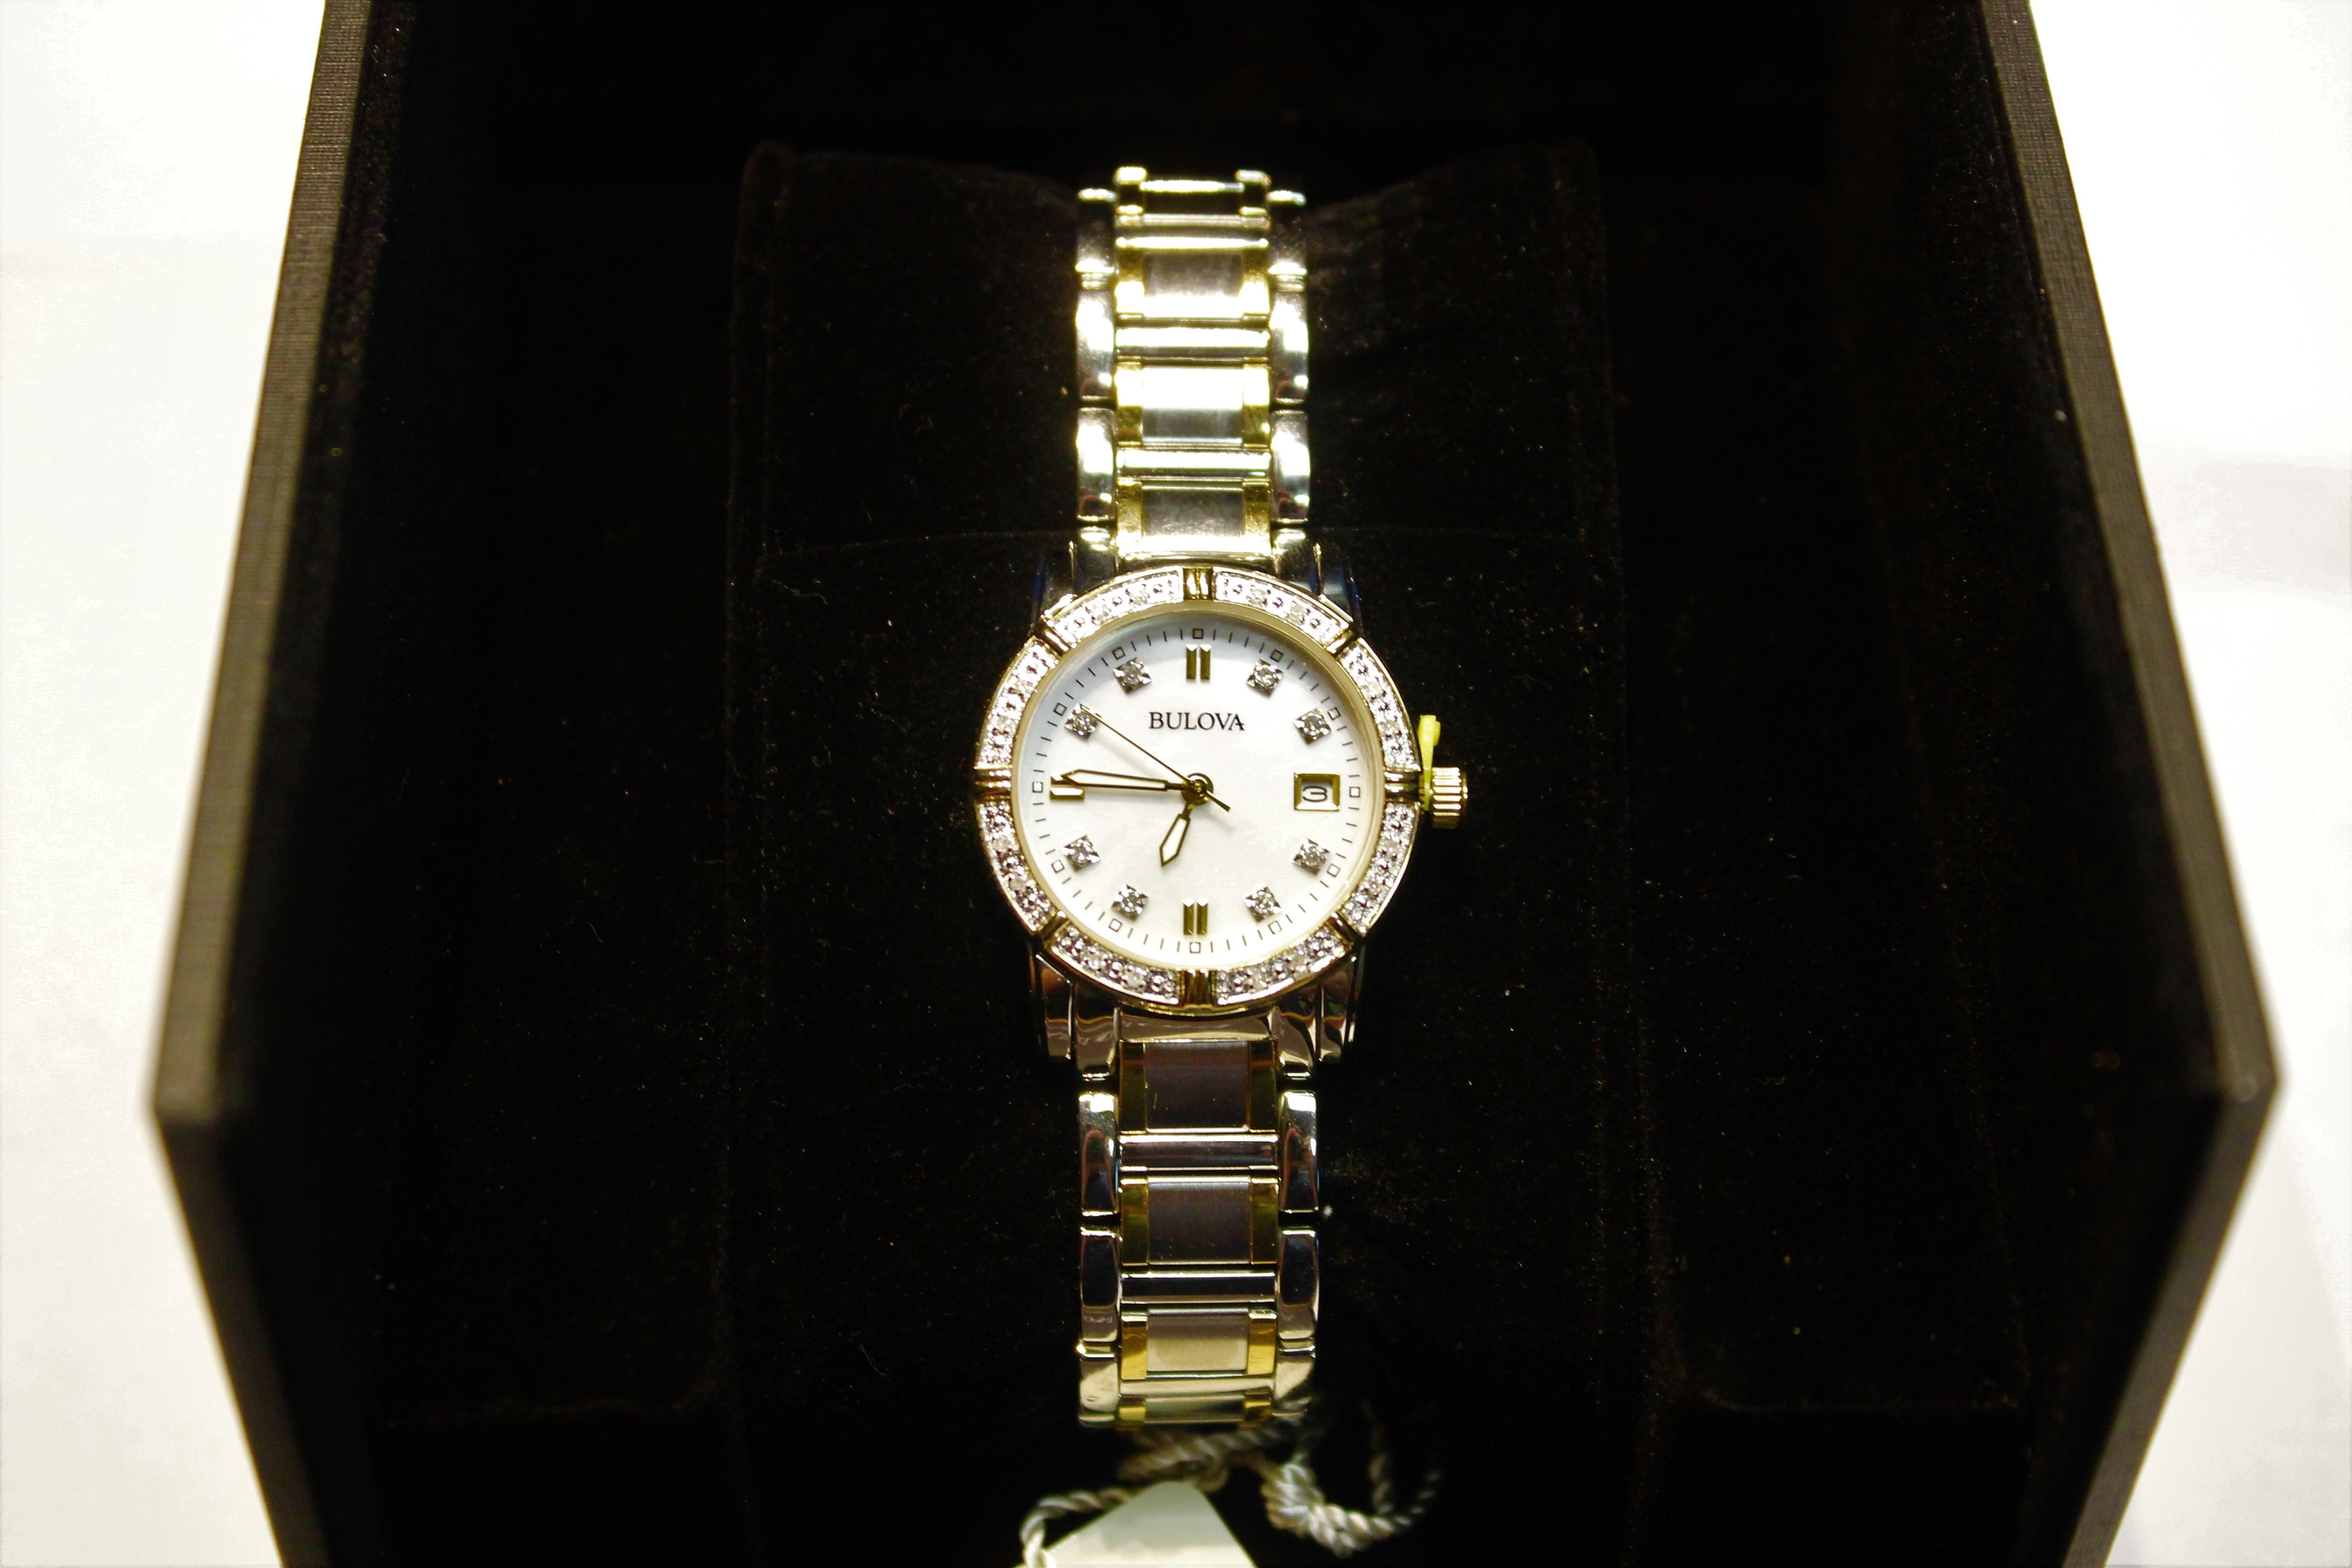 Bulova Women's Wrist Watch Model 98R107